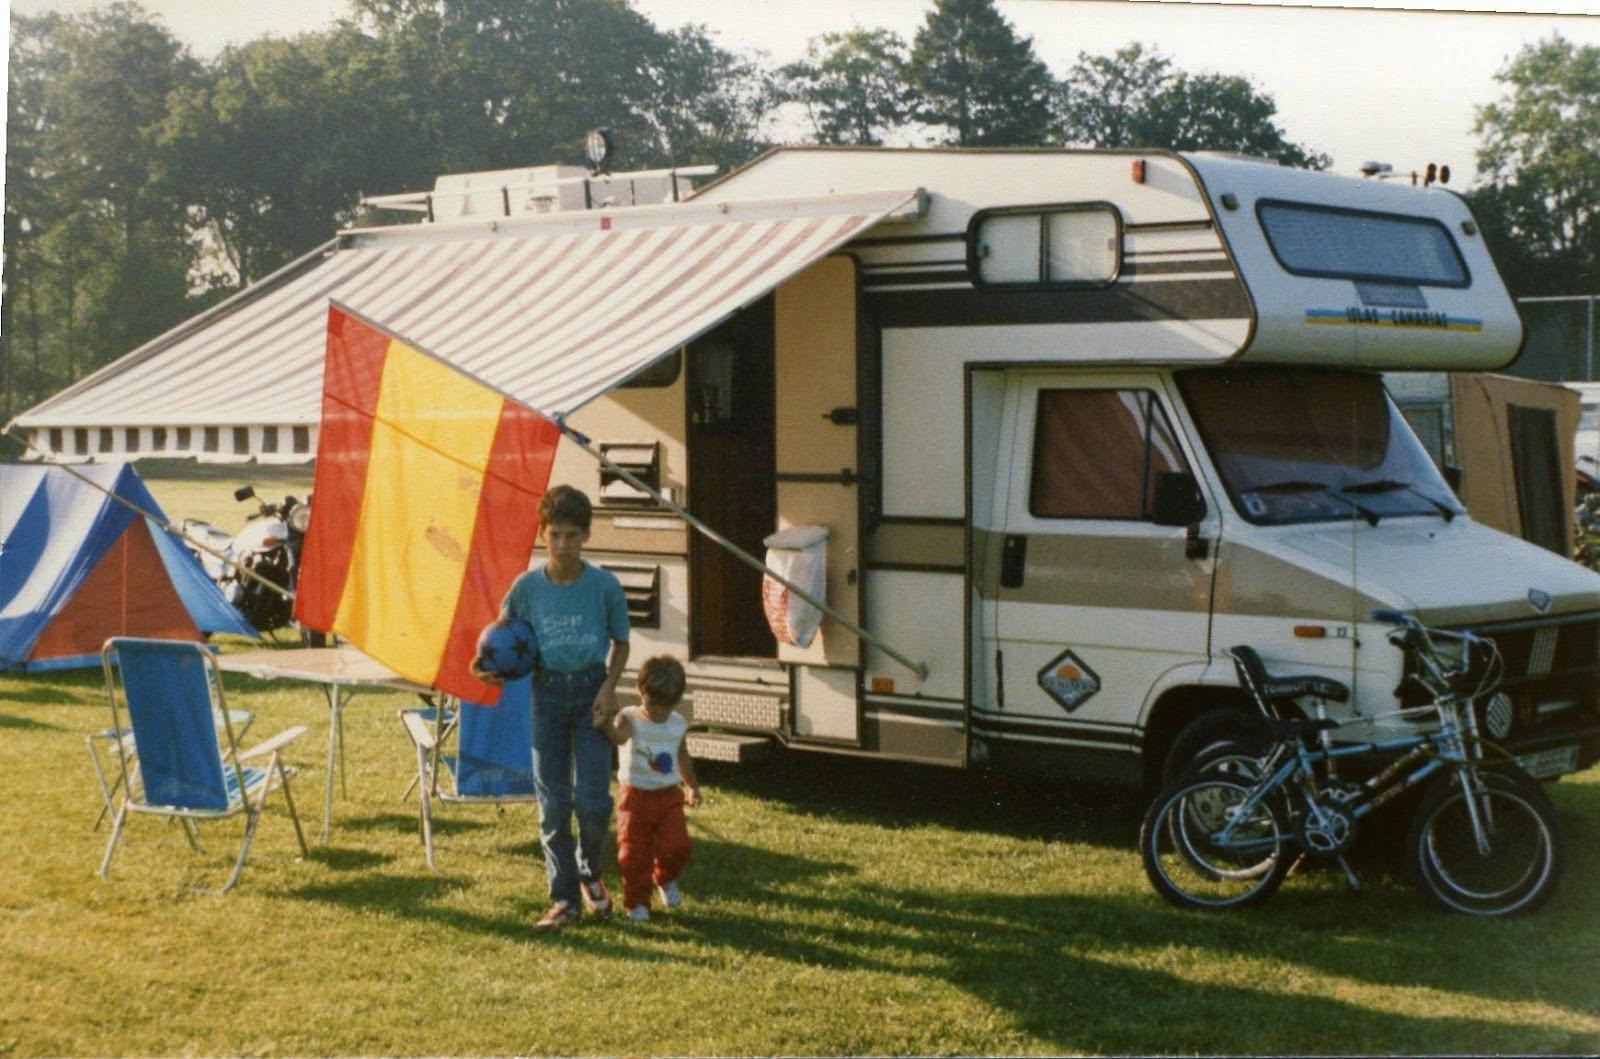 camping del circuito de Assen en Holanda